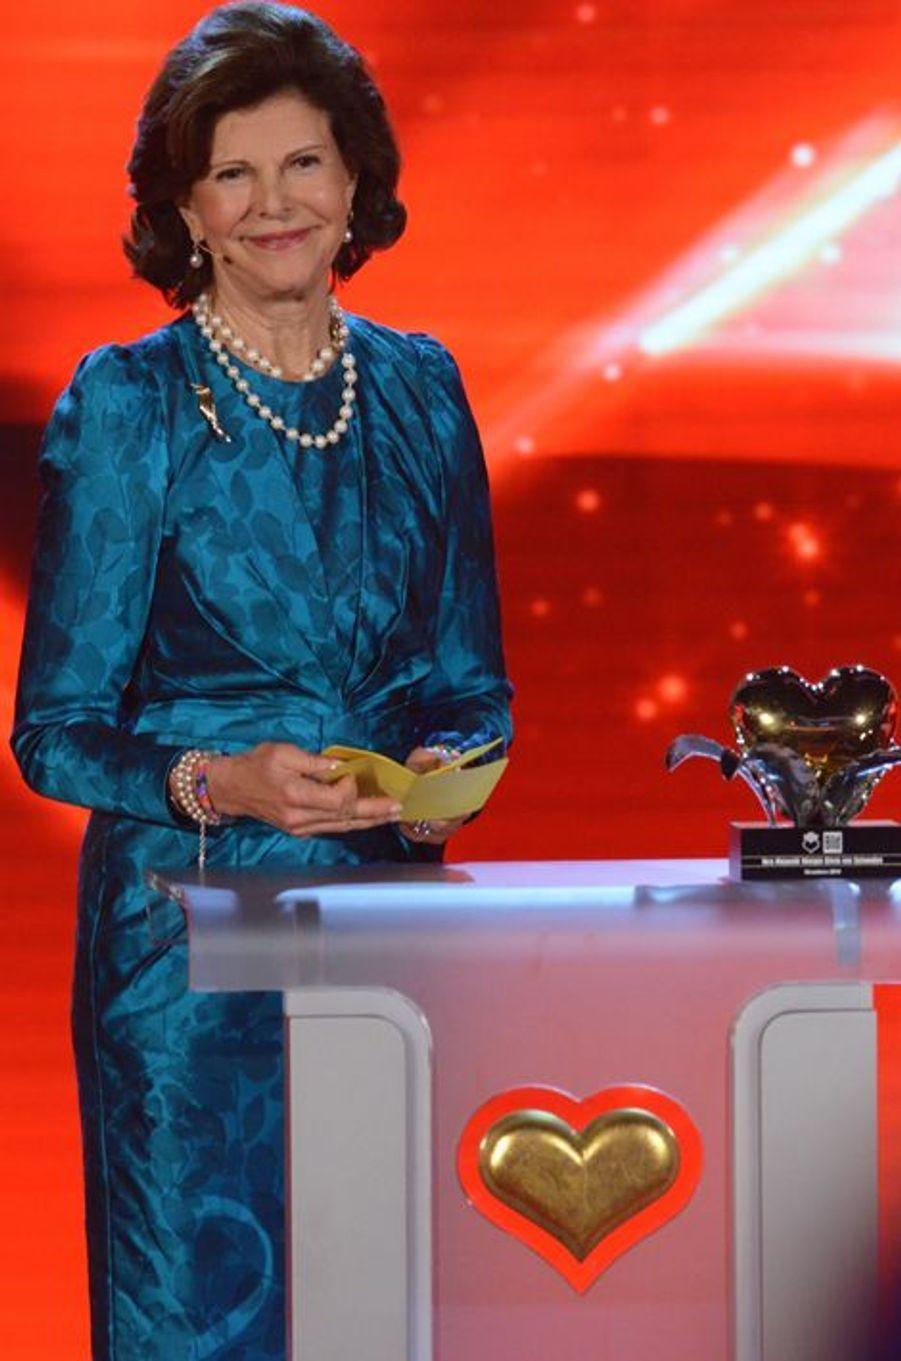 """La reine Silvia de Suède reçoit son prix au gala """"Ein Herz fuer Kinder"""" à Berlin, le 6 septembre 2014"""